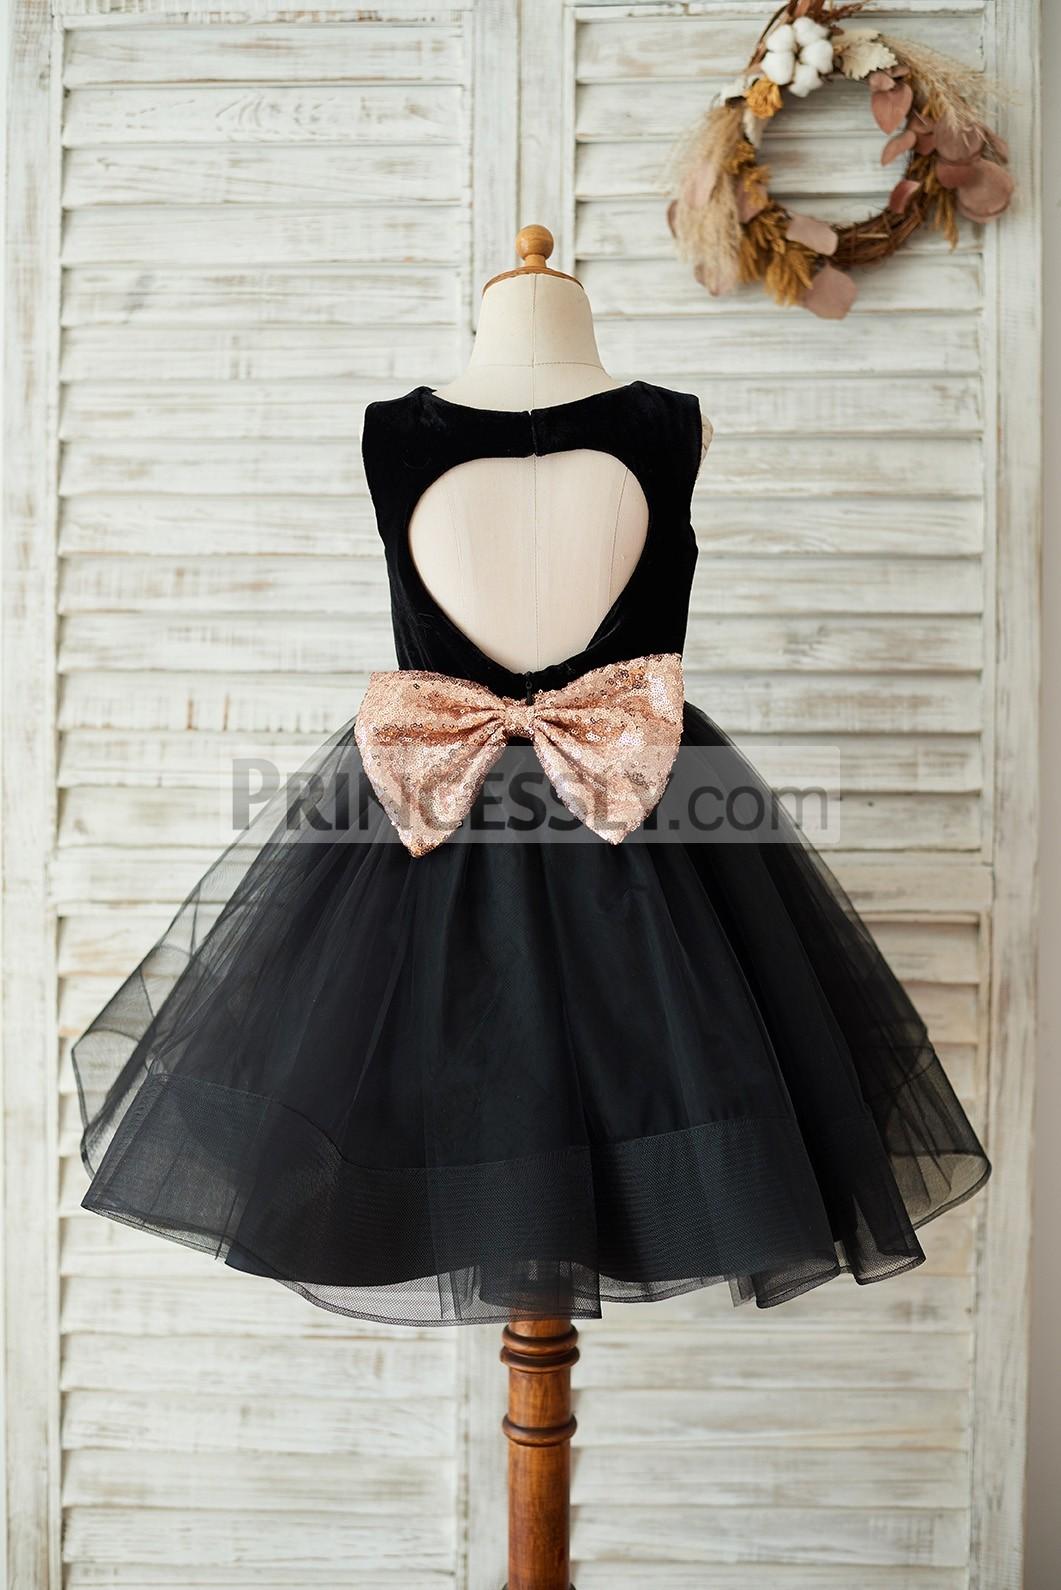 Keyhole back velvet tulle black wedding baby girl dress w/ horsehair hem